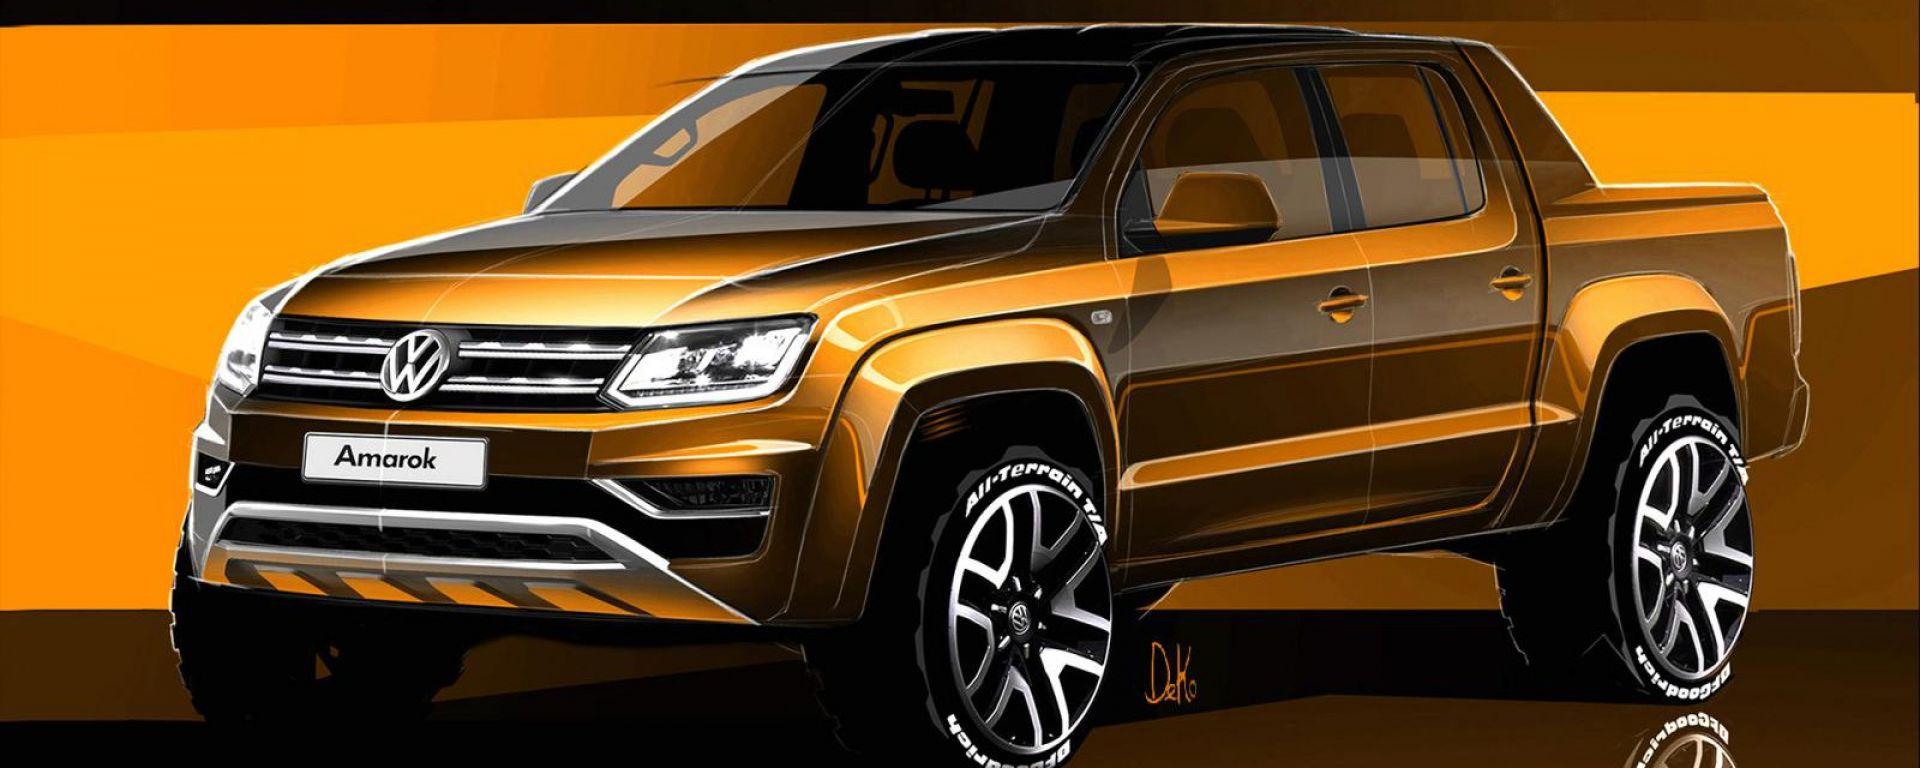 Volkswagen Amarok 2017: i primi teaser del restyling